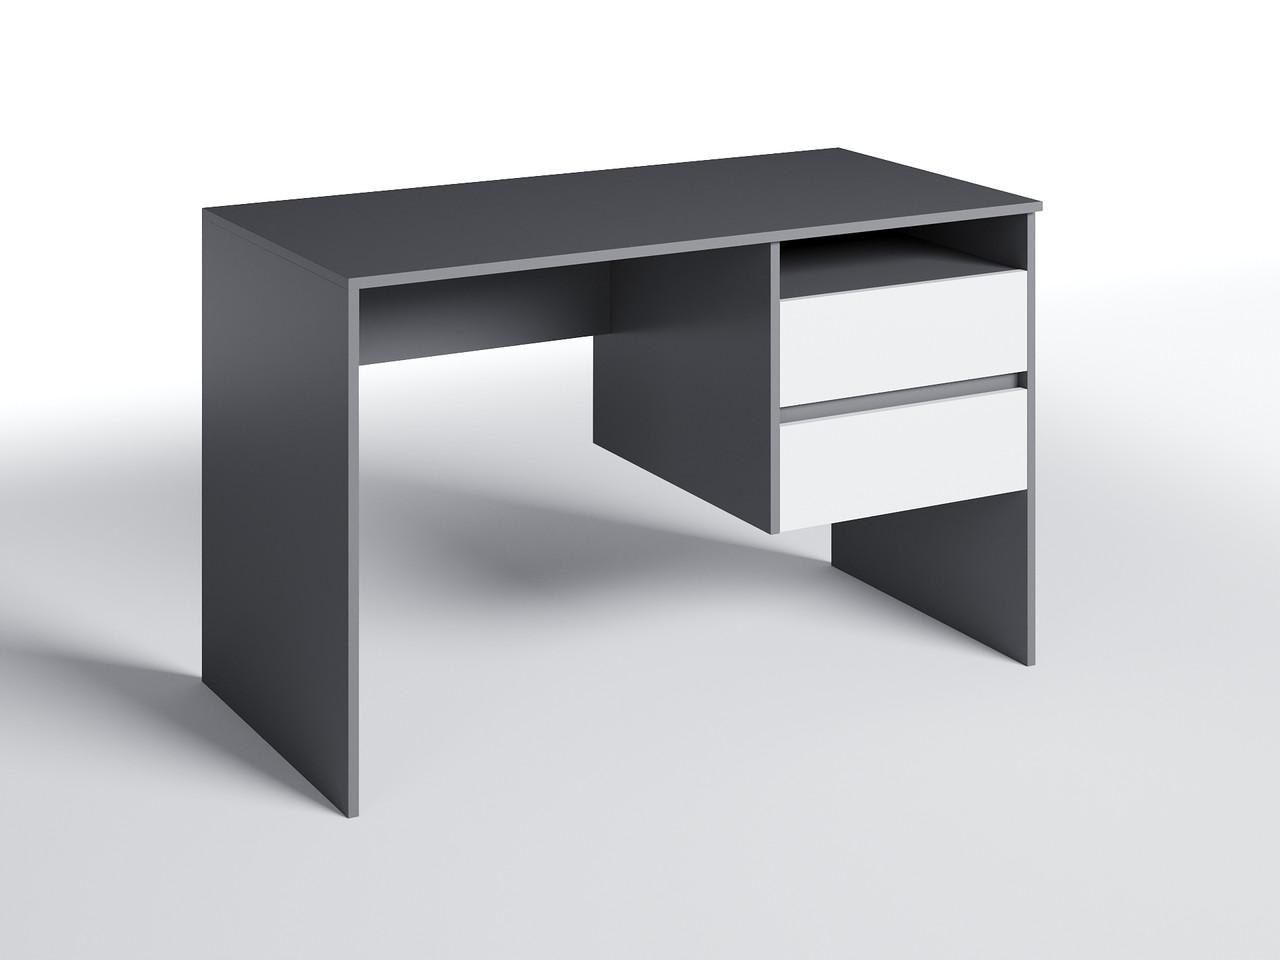 Письменный стол СП-8 с тумбой Антрацит/Белый